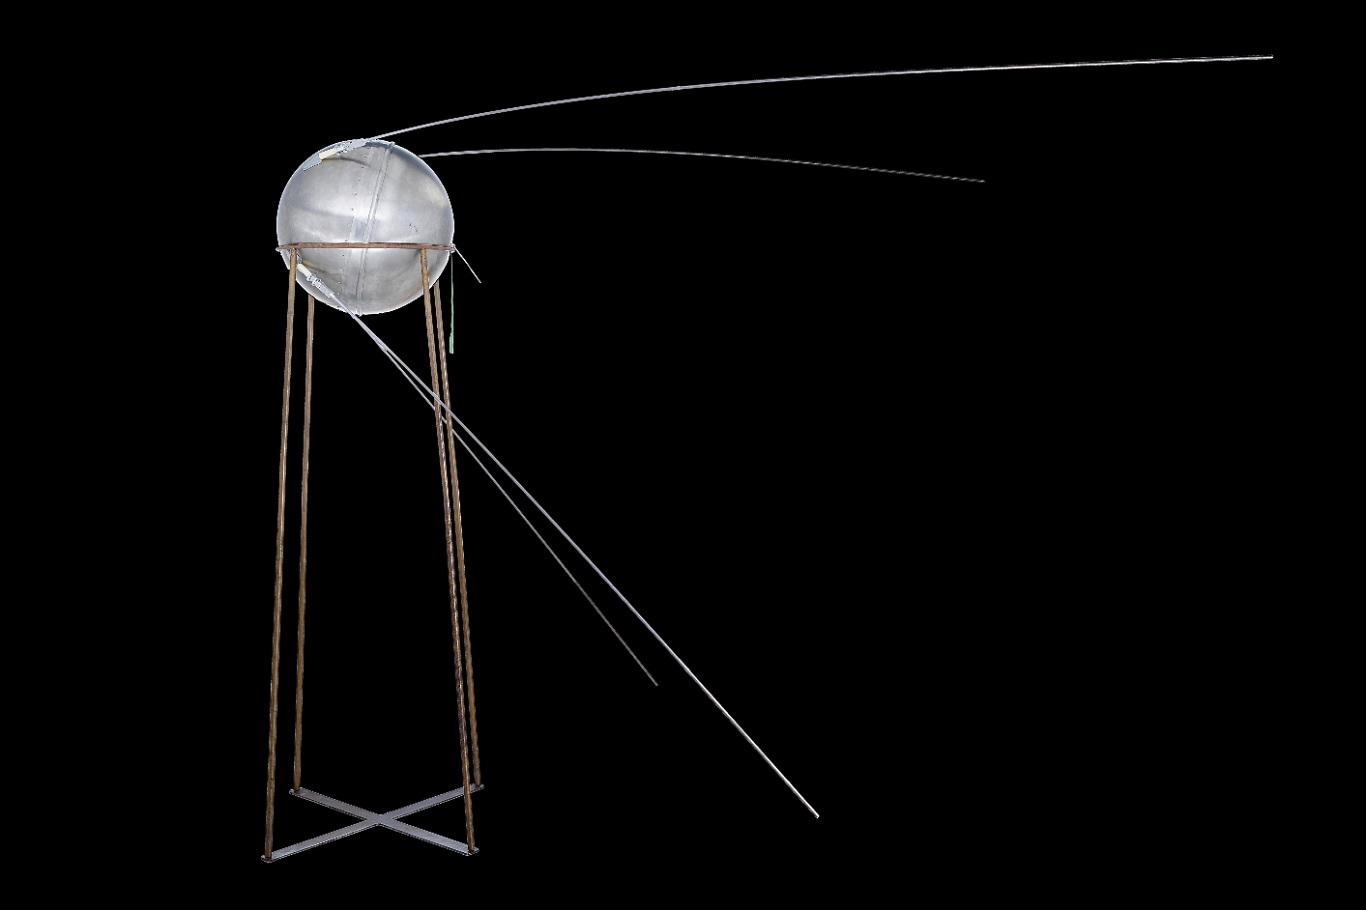 Модель самого первого спутника продадут с молотка